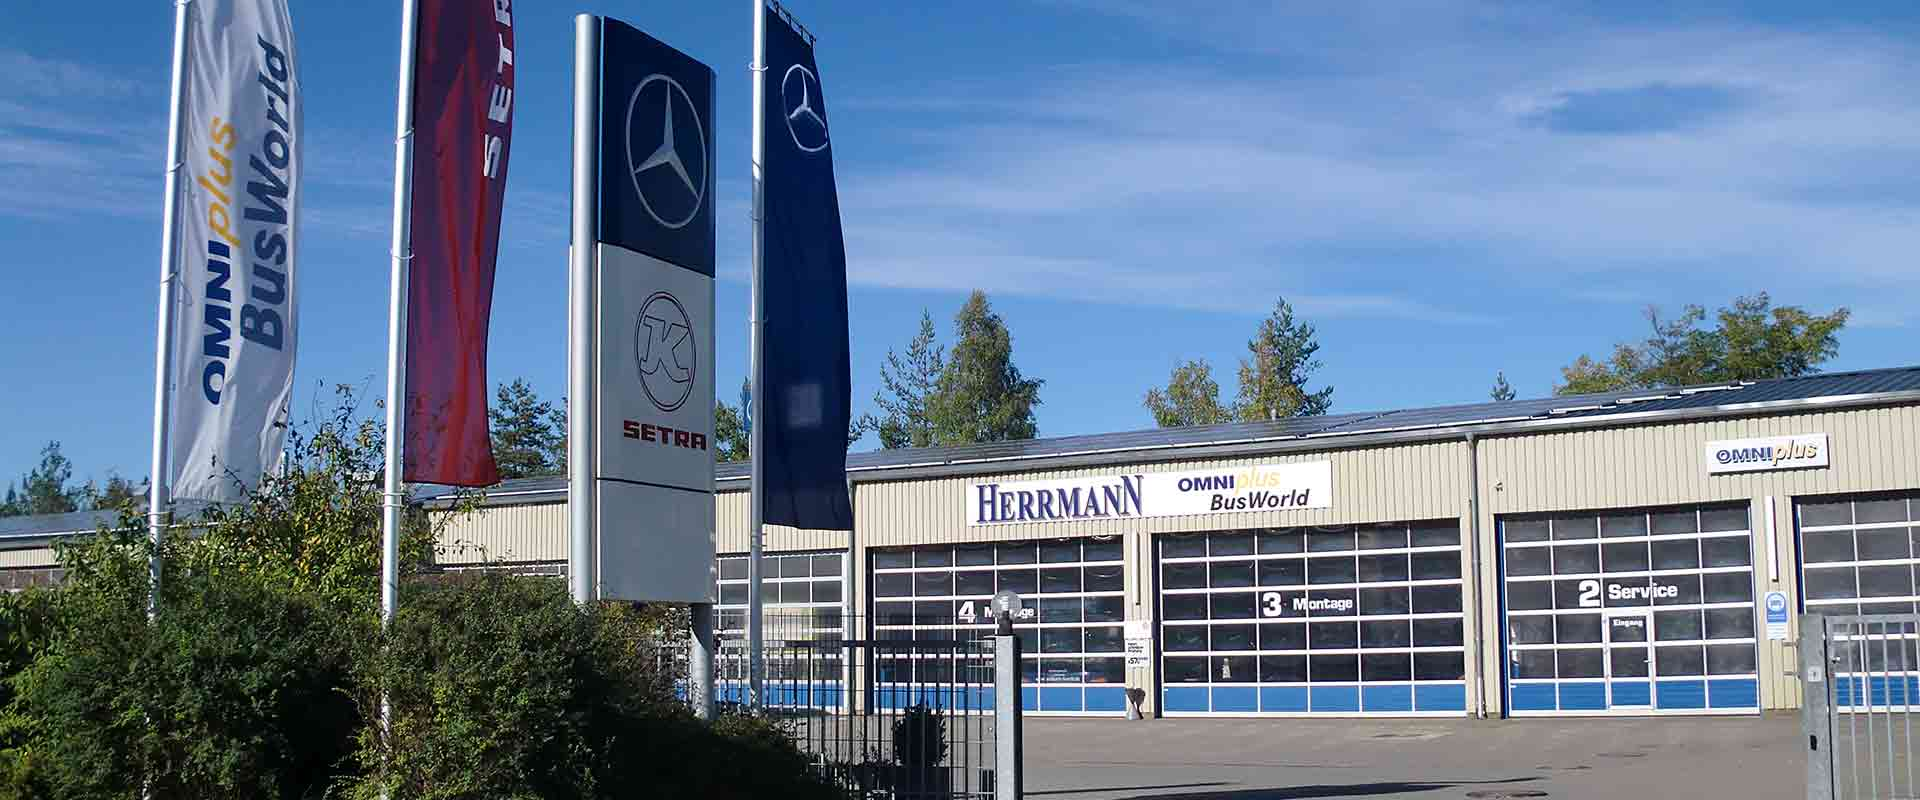 Betriebsgelände E. Herrmann GmbH